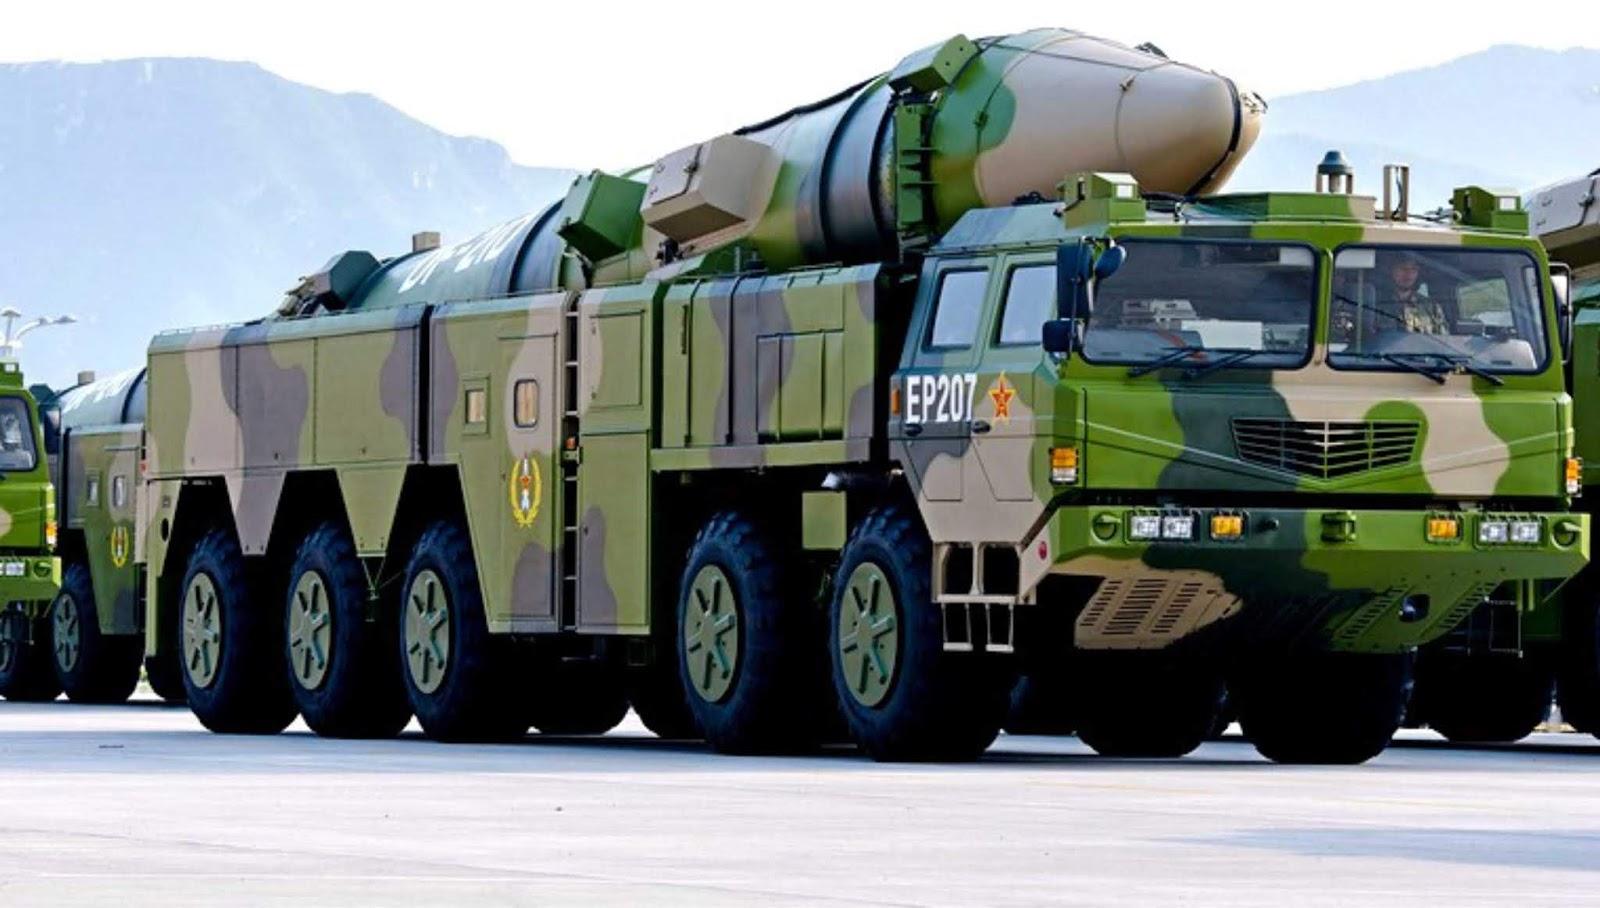 Berapa banyak rudal Cina yang mampu menyerang Amerika?